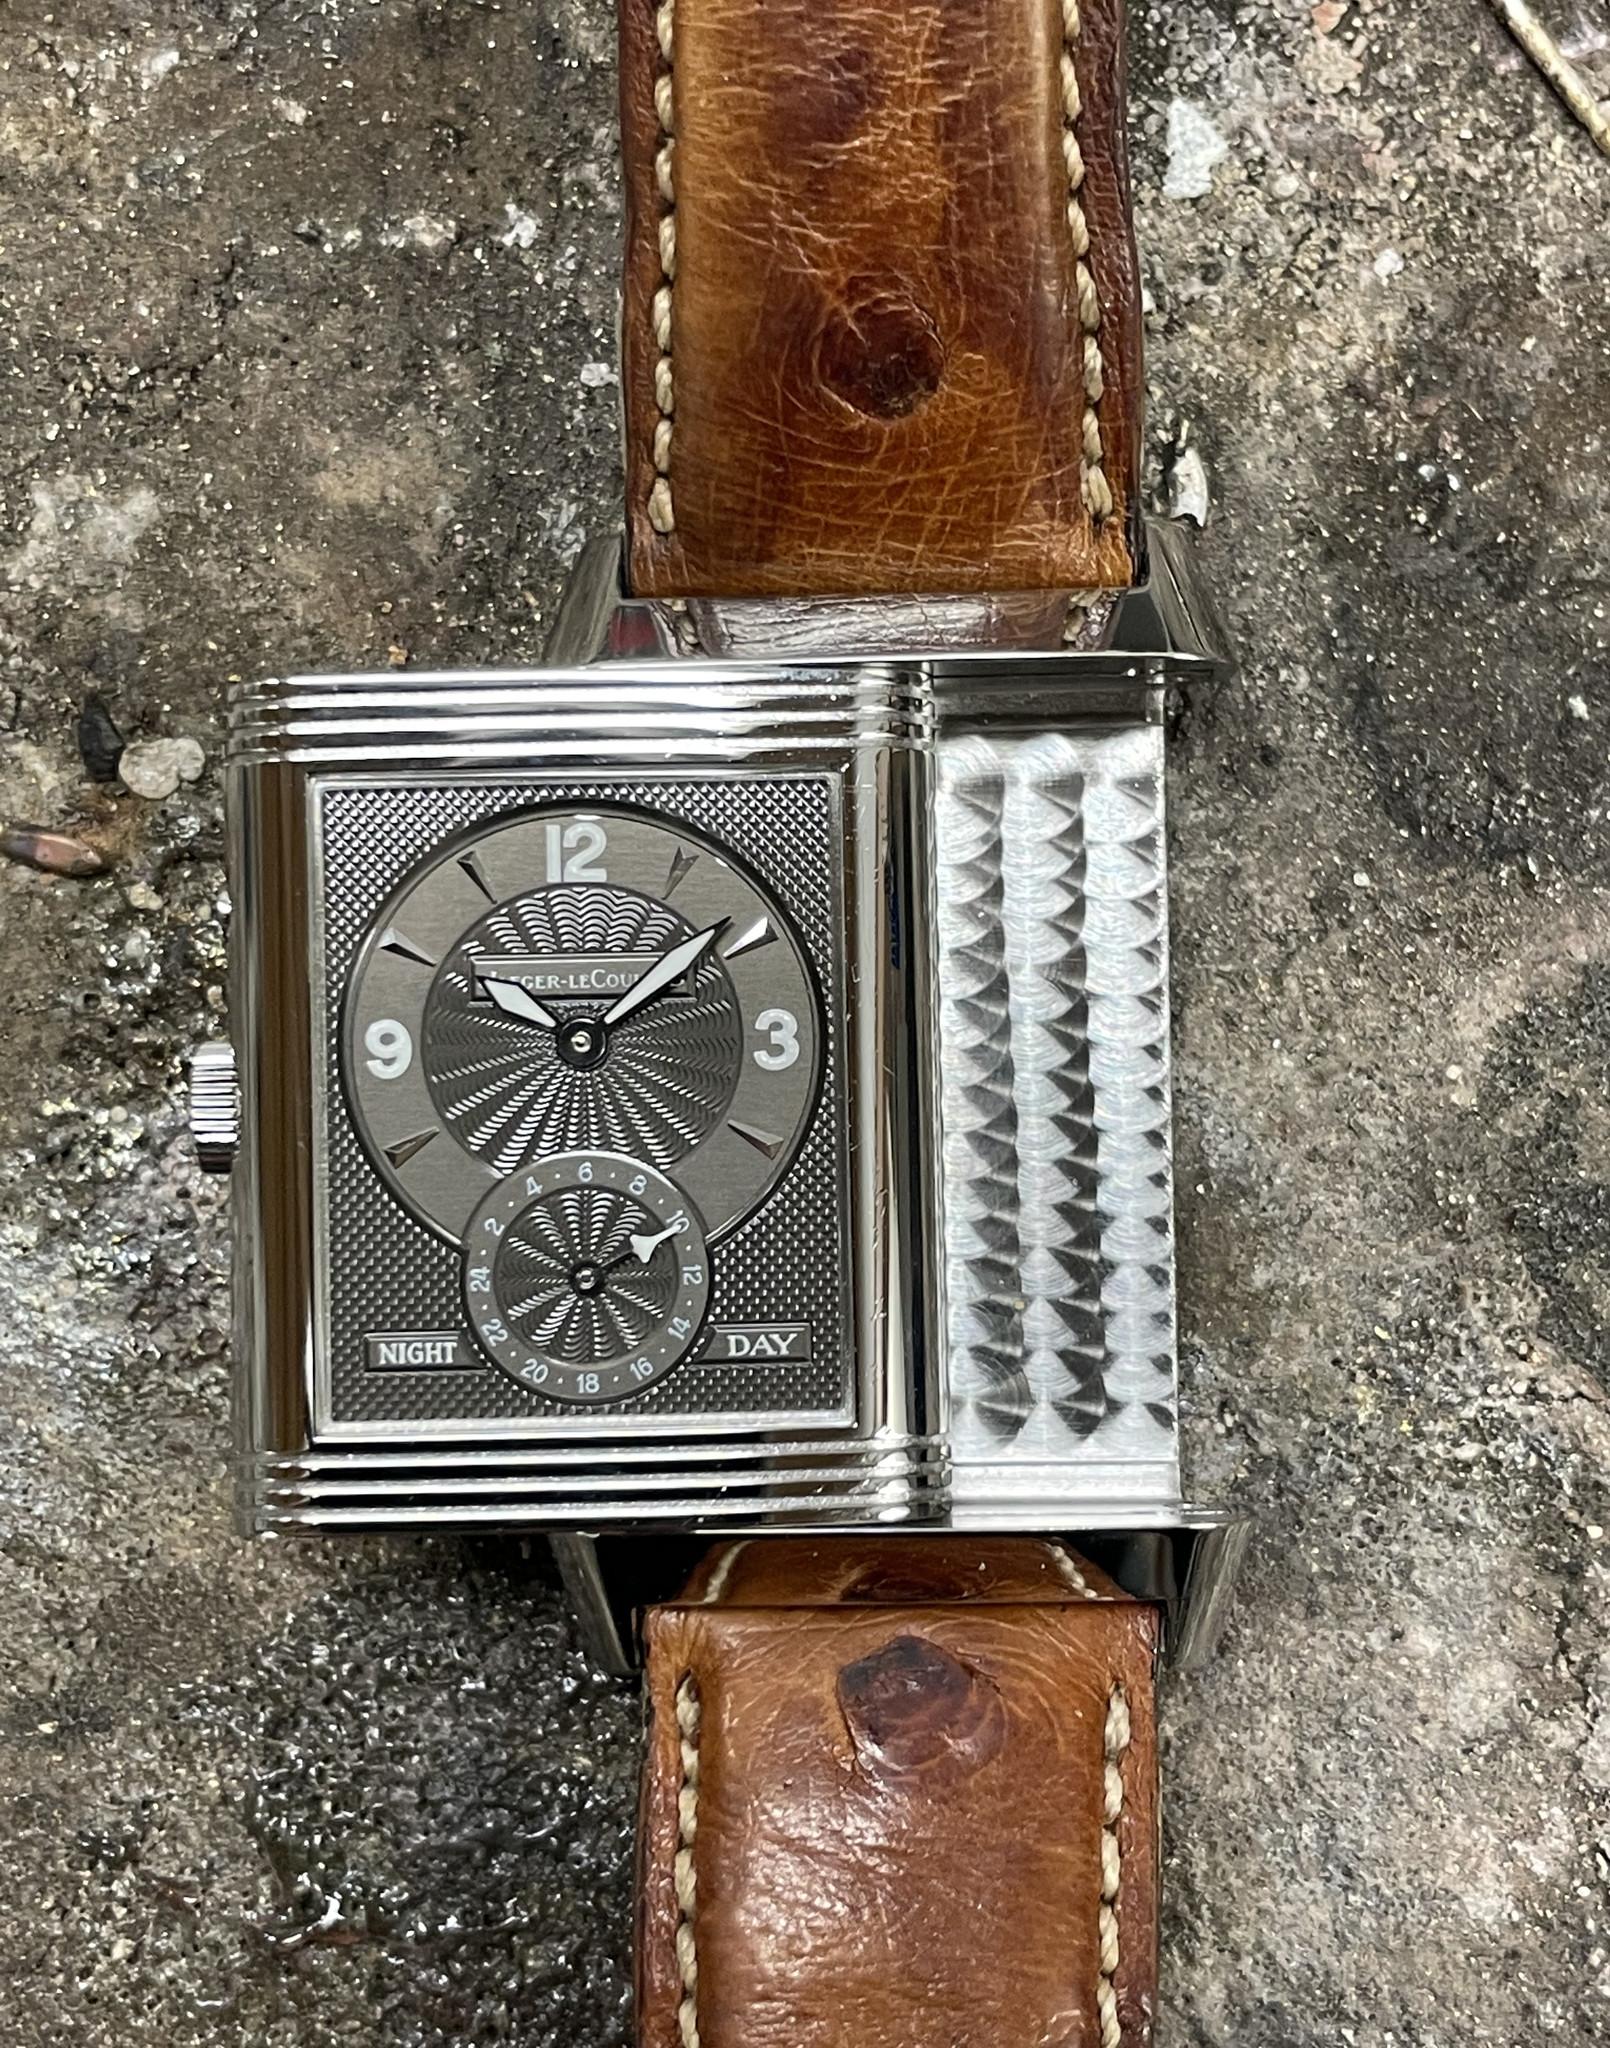 Jaeger-LeCoultre - Duo Face - Horloge Heren - 270.8.54-2